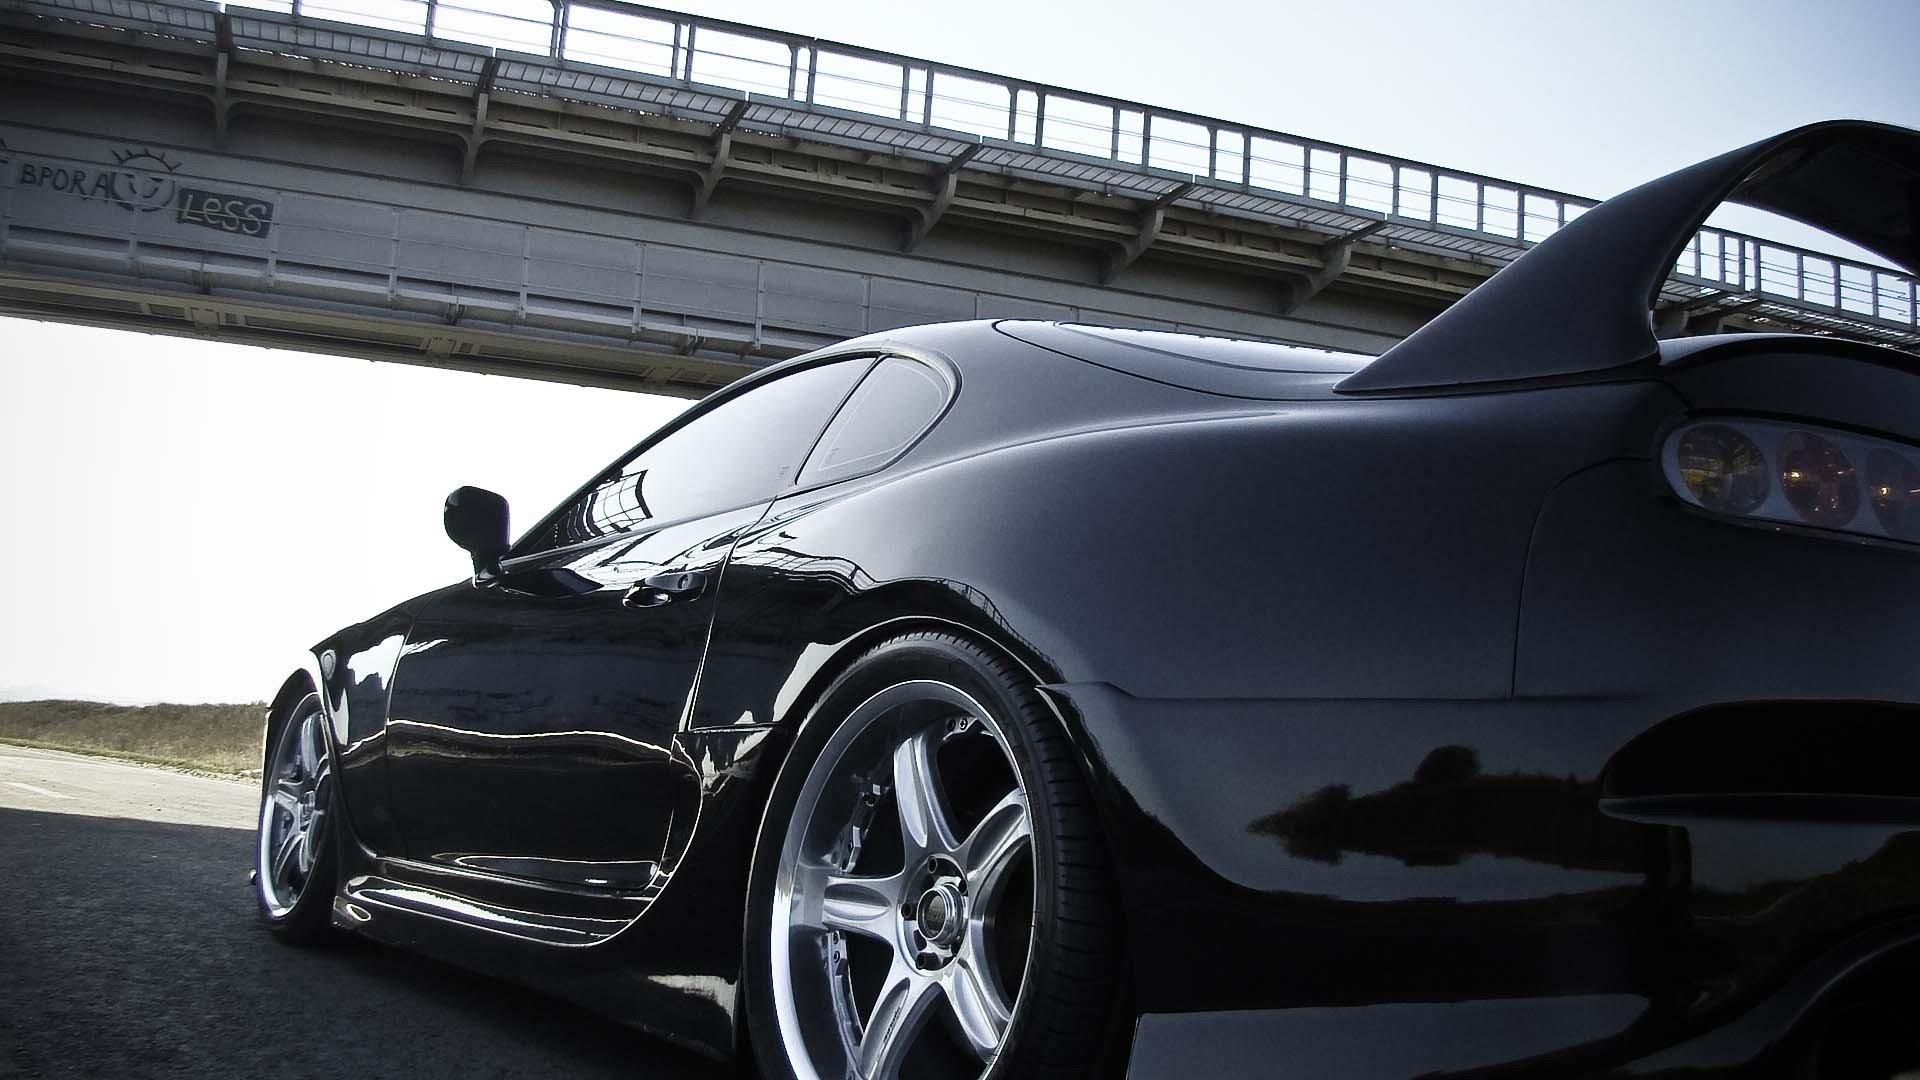 Toyota Supra Crystal City Car 2013 | El Tony